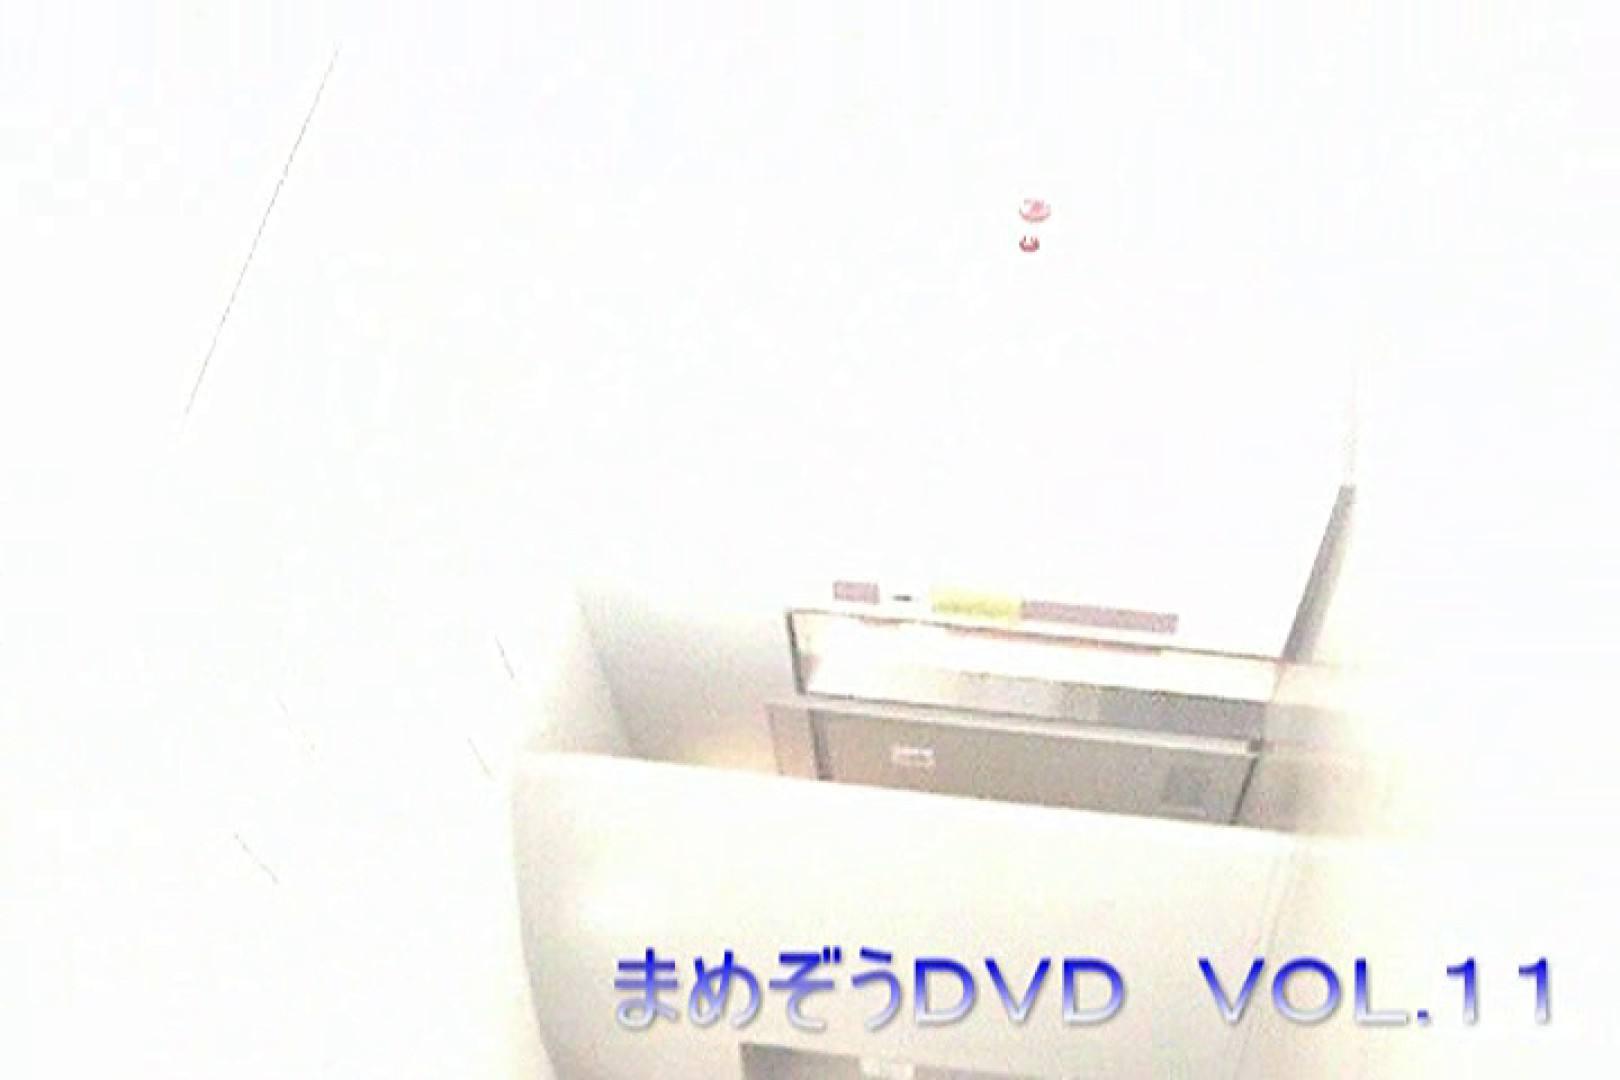 まめぞうDVD完全版VOL.11 ギャル AV動画キャプチャ 26連発 8